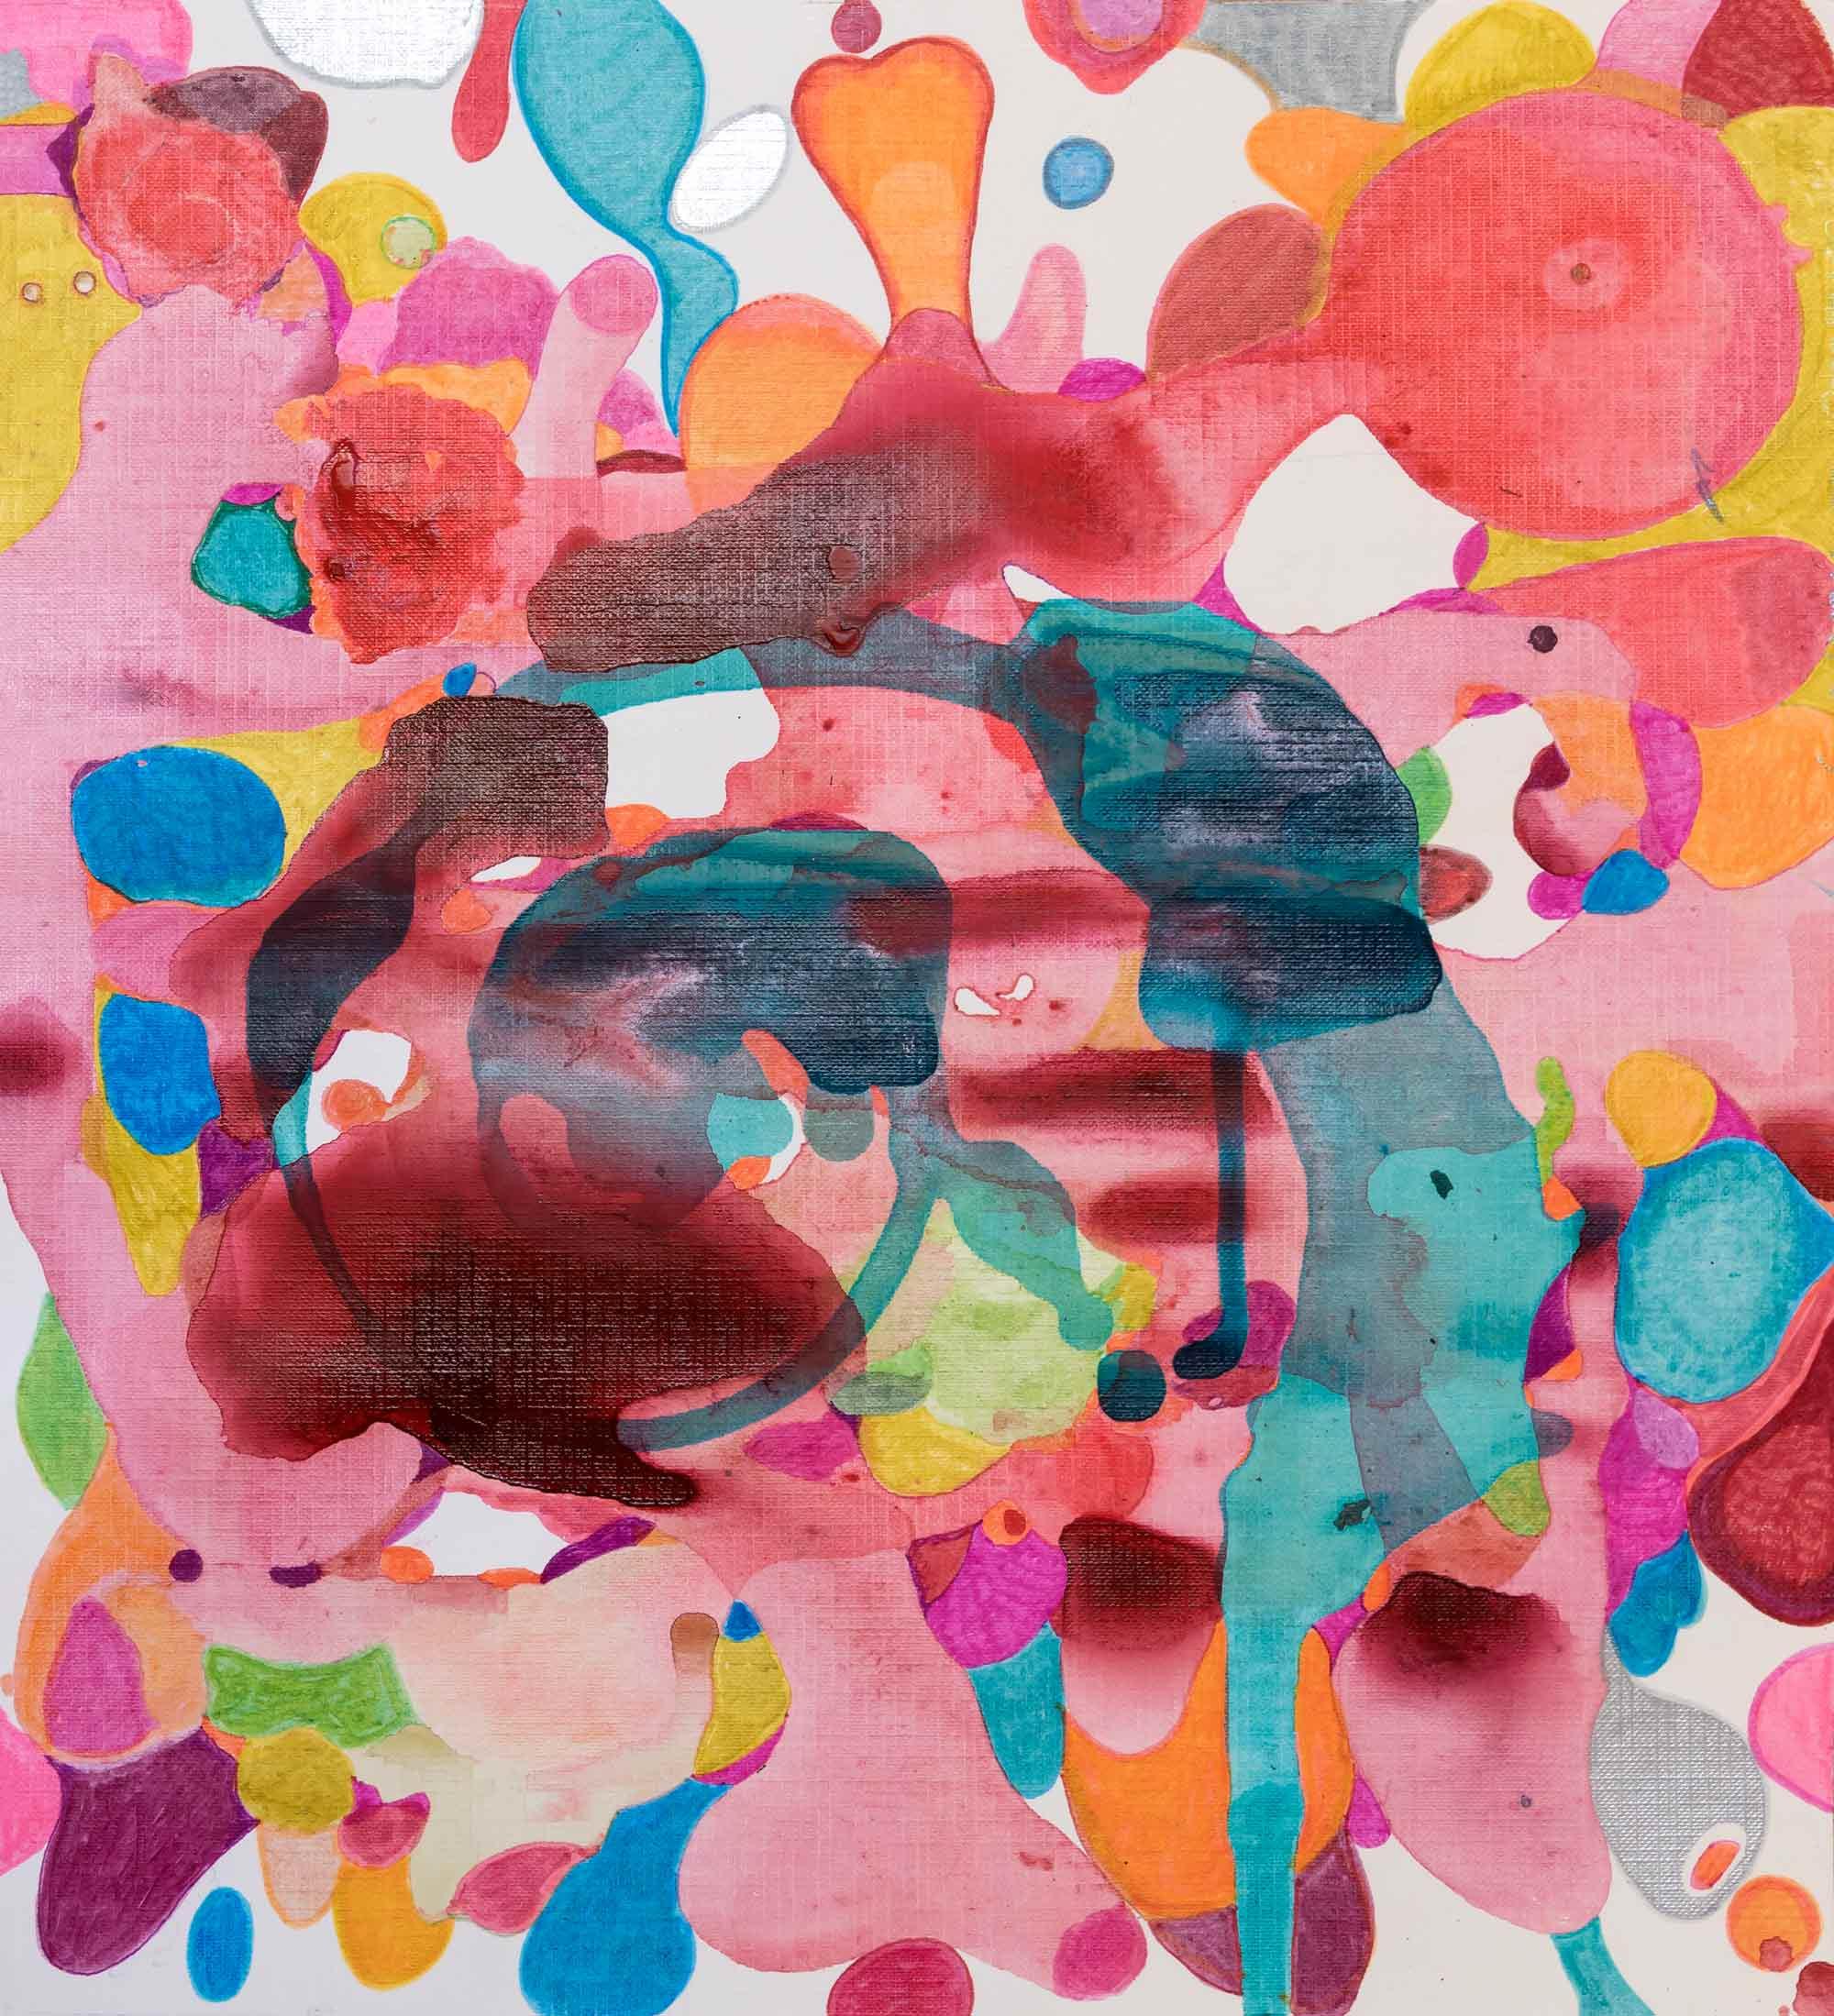 <b>Red</b><br> Técnica mixta sobre papel. <br> 30,5 x 34,5 cm